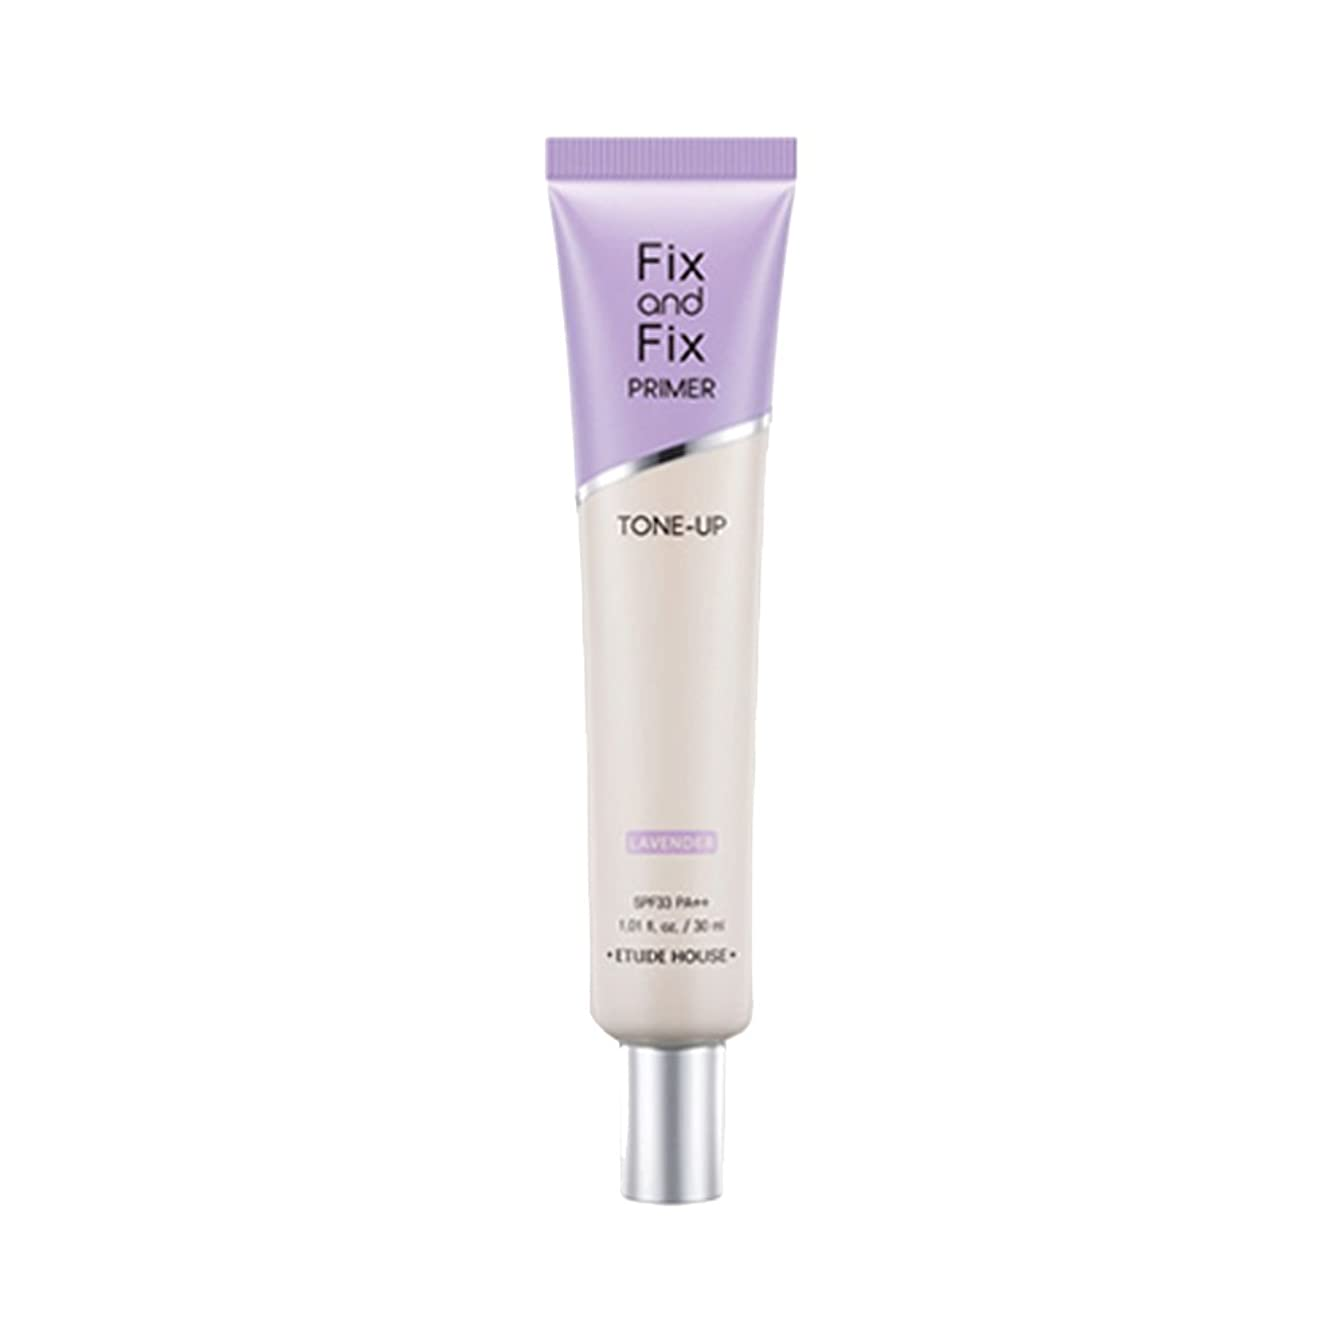 紛争調停する無臭(3 Pack) ETUDE HOUSE Fix And Fix Primer Tone Up Primer - Lavender (並行輸入品)